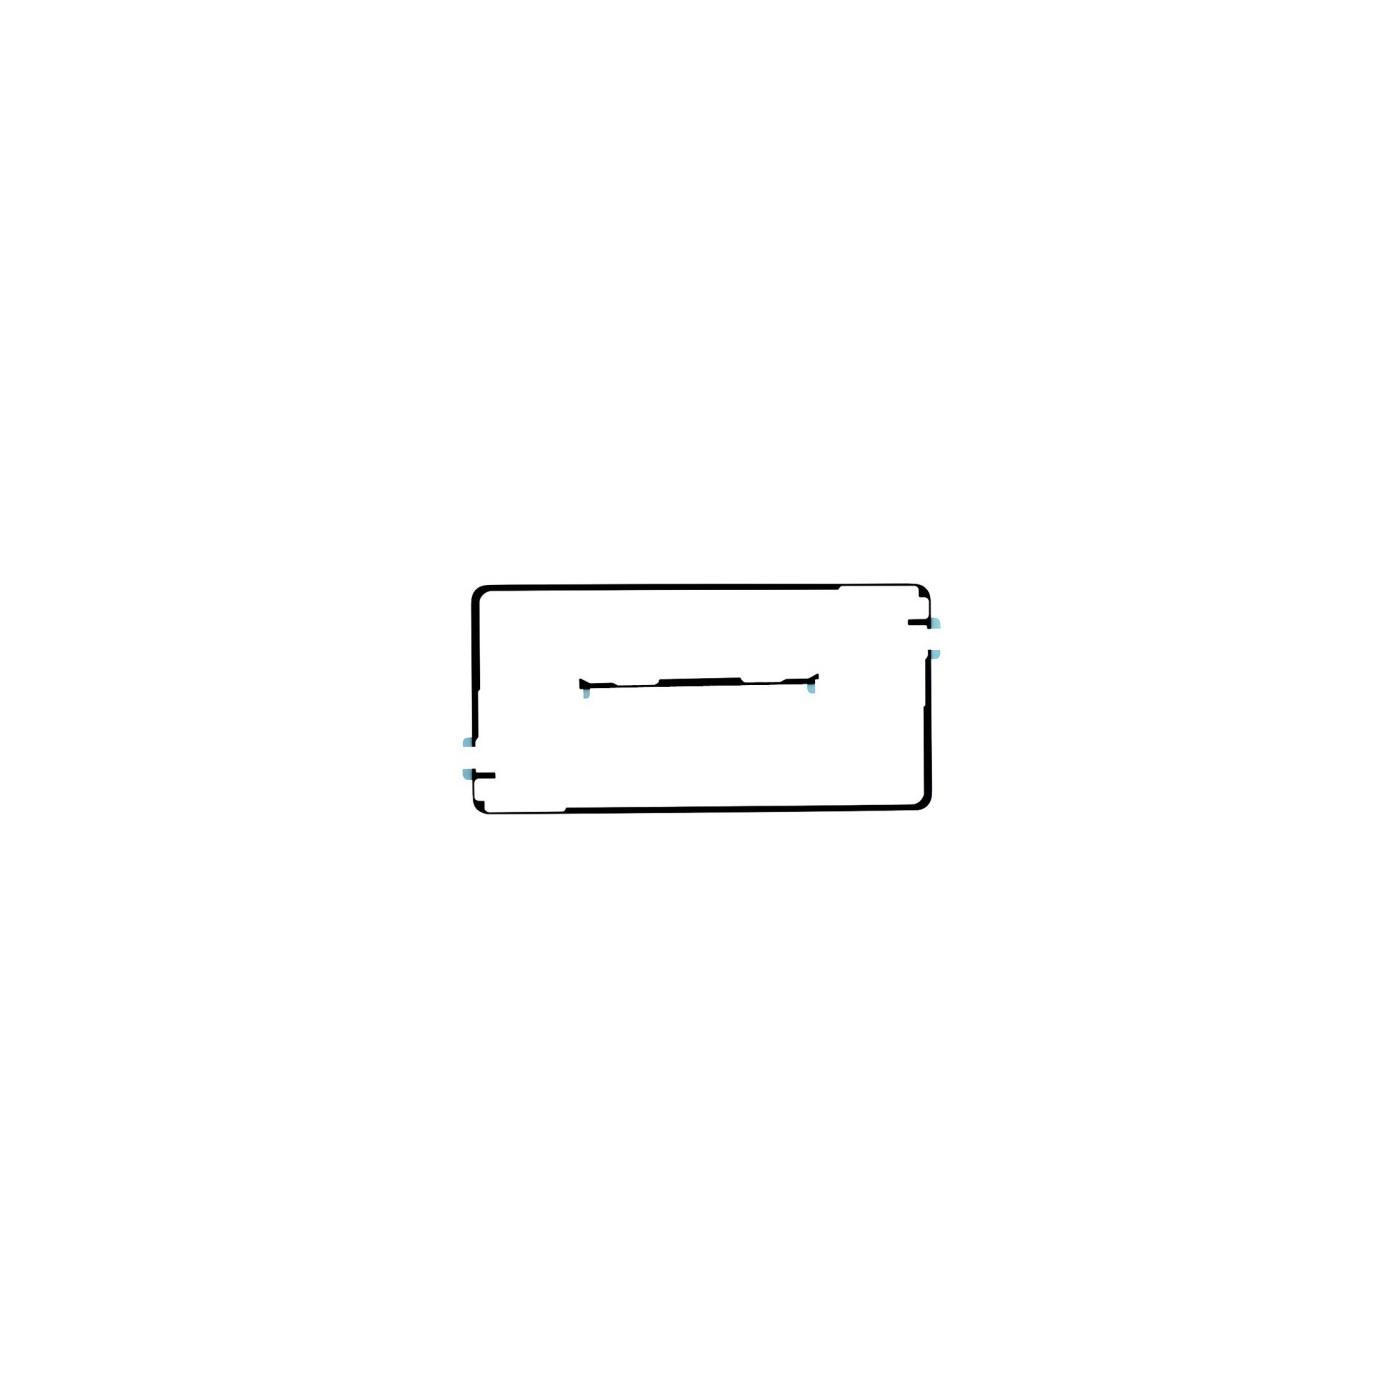 Pegatina de cristal de pantalla táctil para iPad Air 2: adhesivo de doble cara para iPad 6